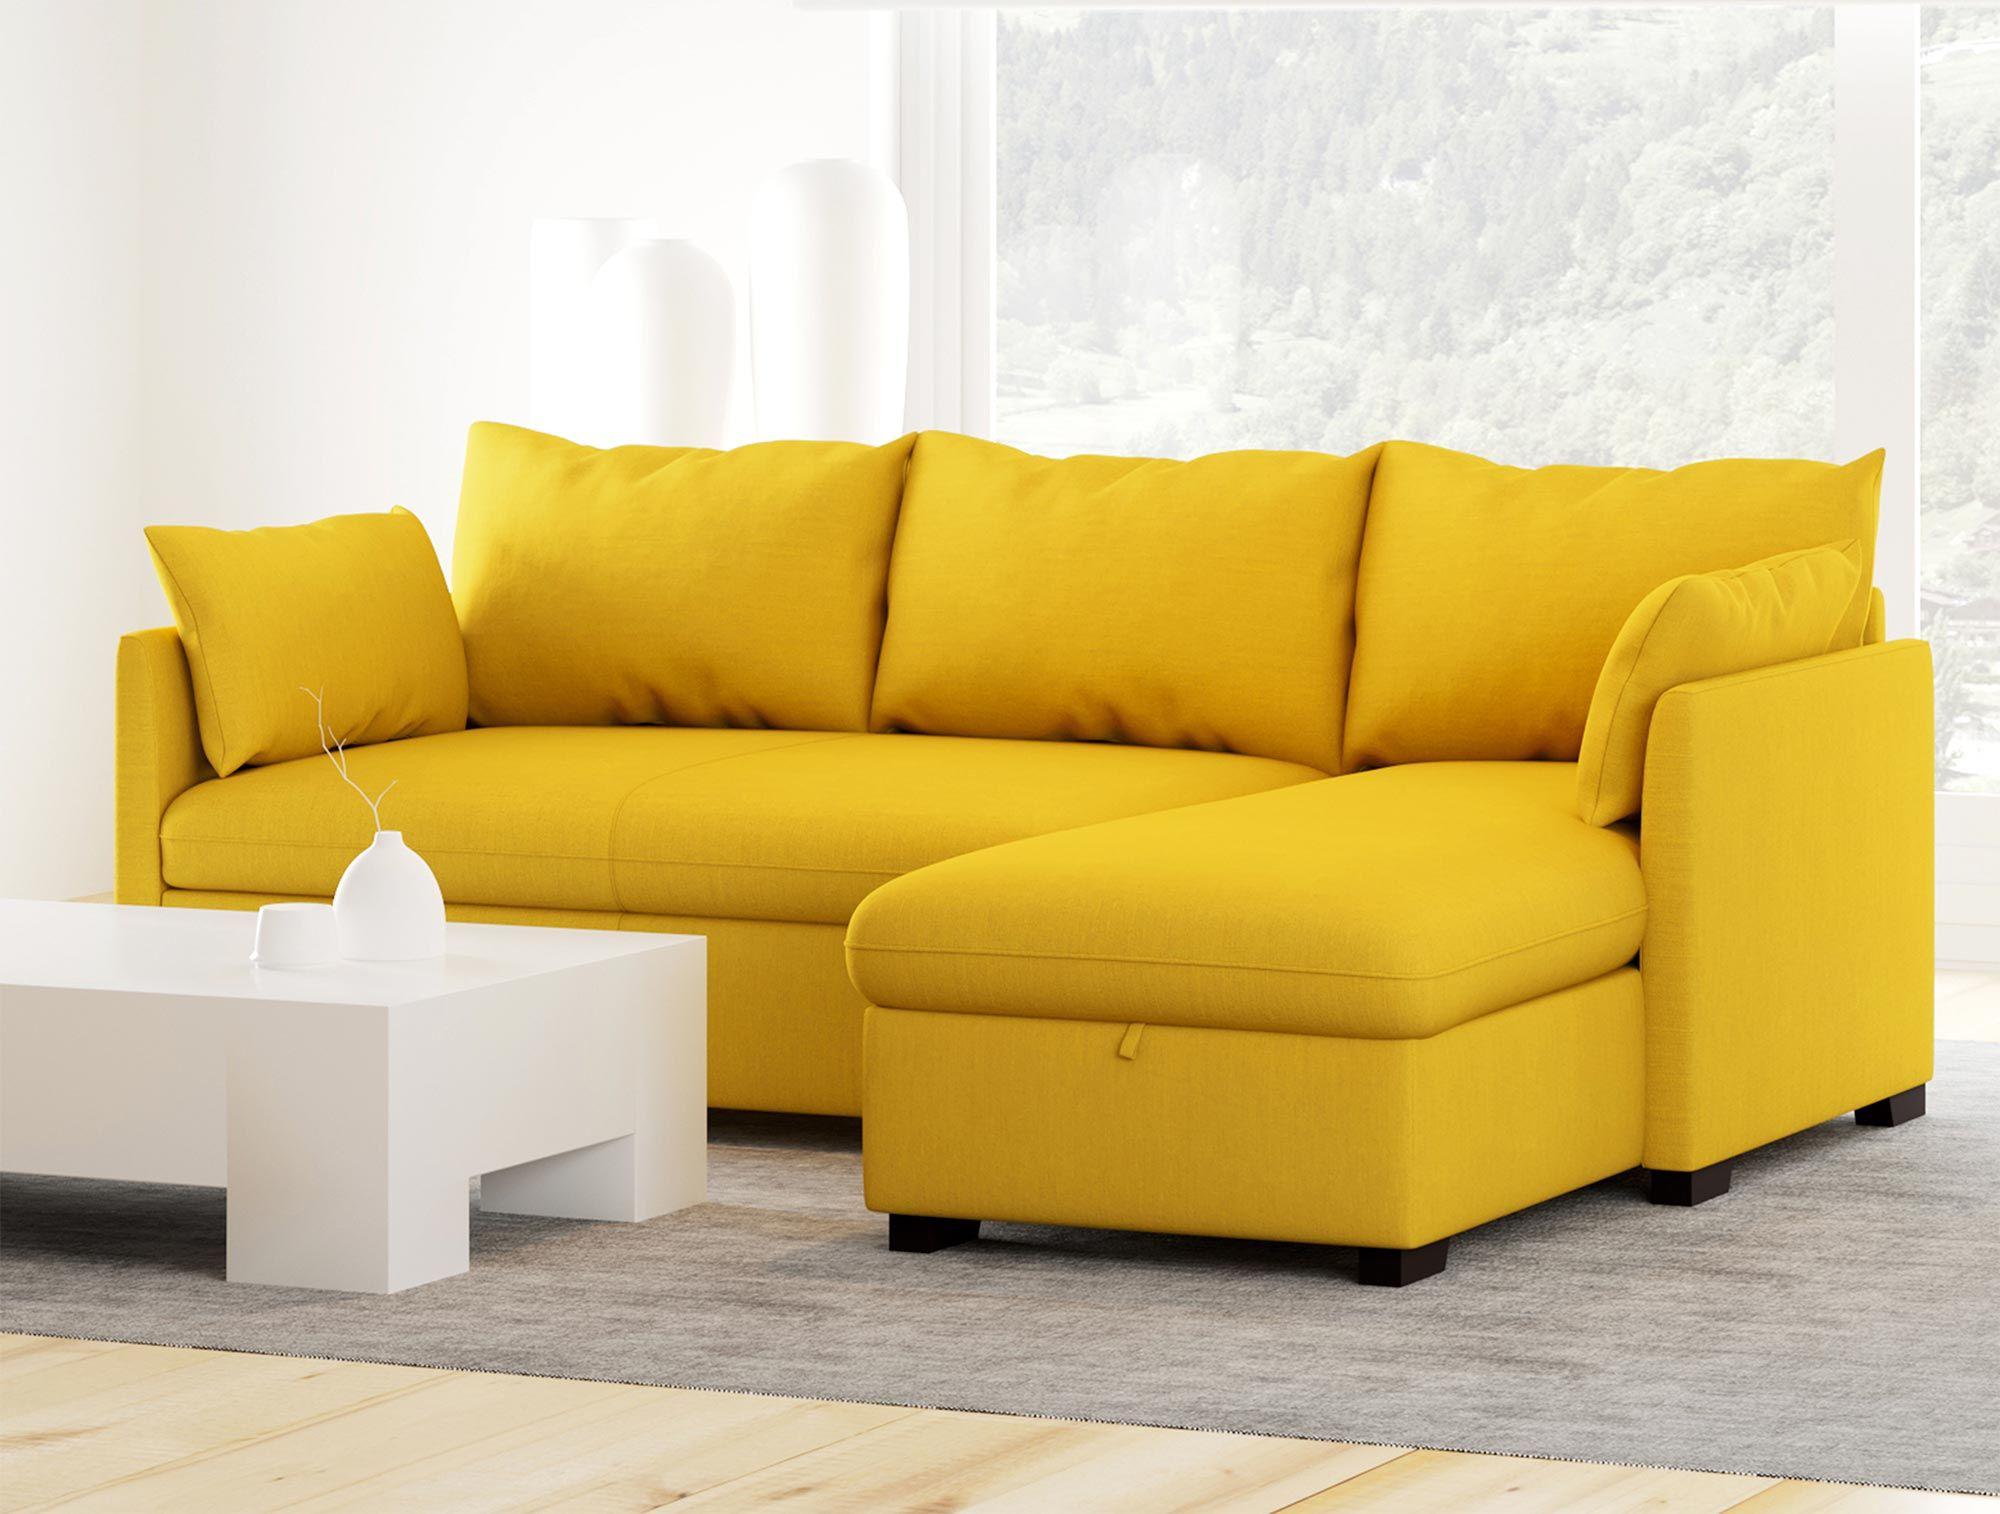 Sofá chaise longue con cama reversible de tela – Modelo COSY de Conforama